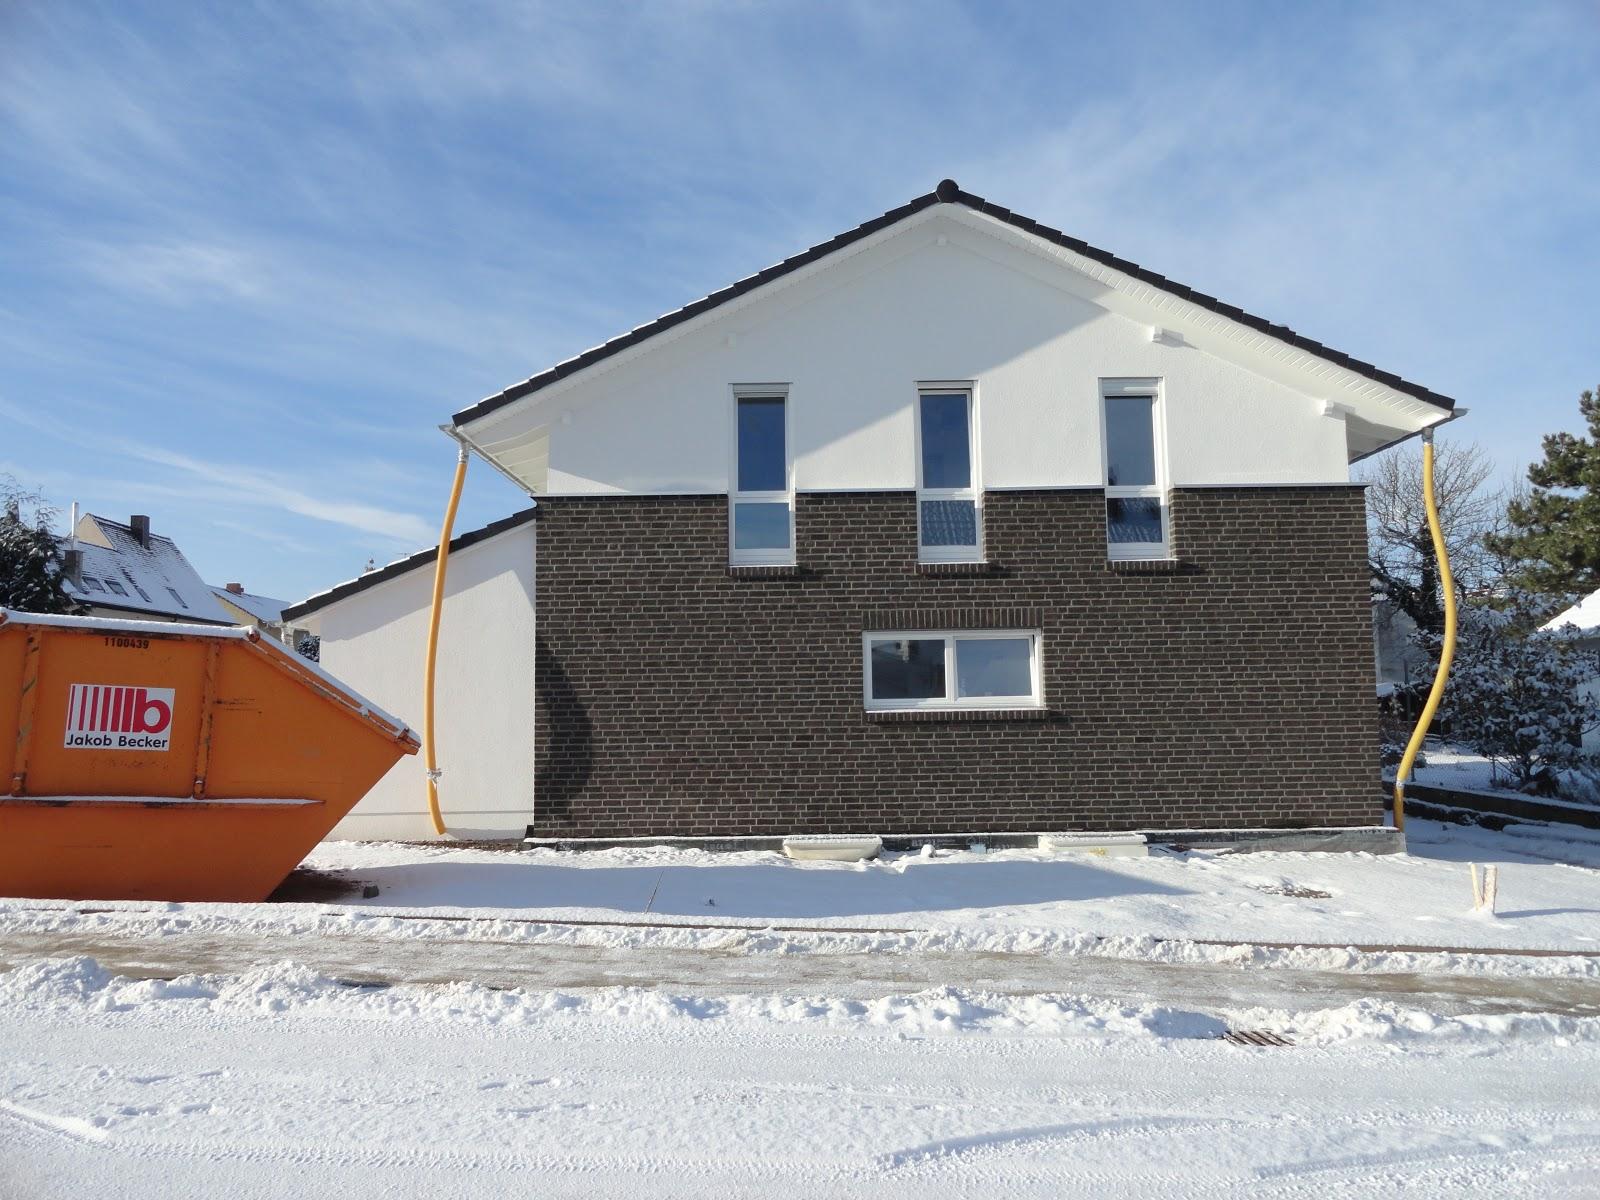 wir bauen die rebstock allee mit gussek unser haus im schnee. Black Bedroom Furniture Sets. Home Design Ideas